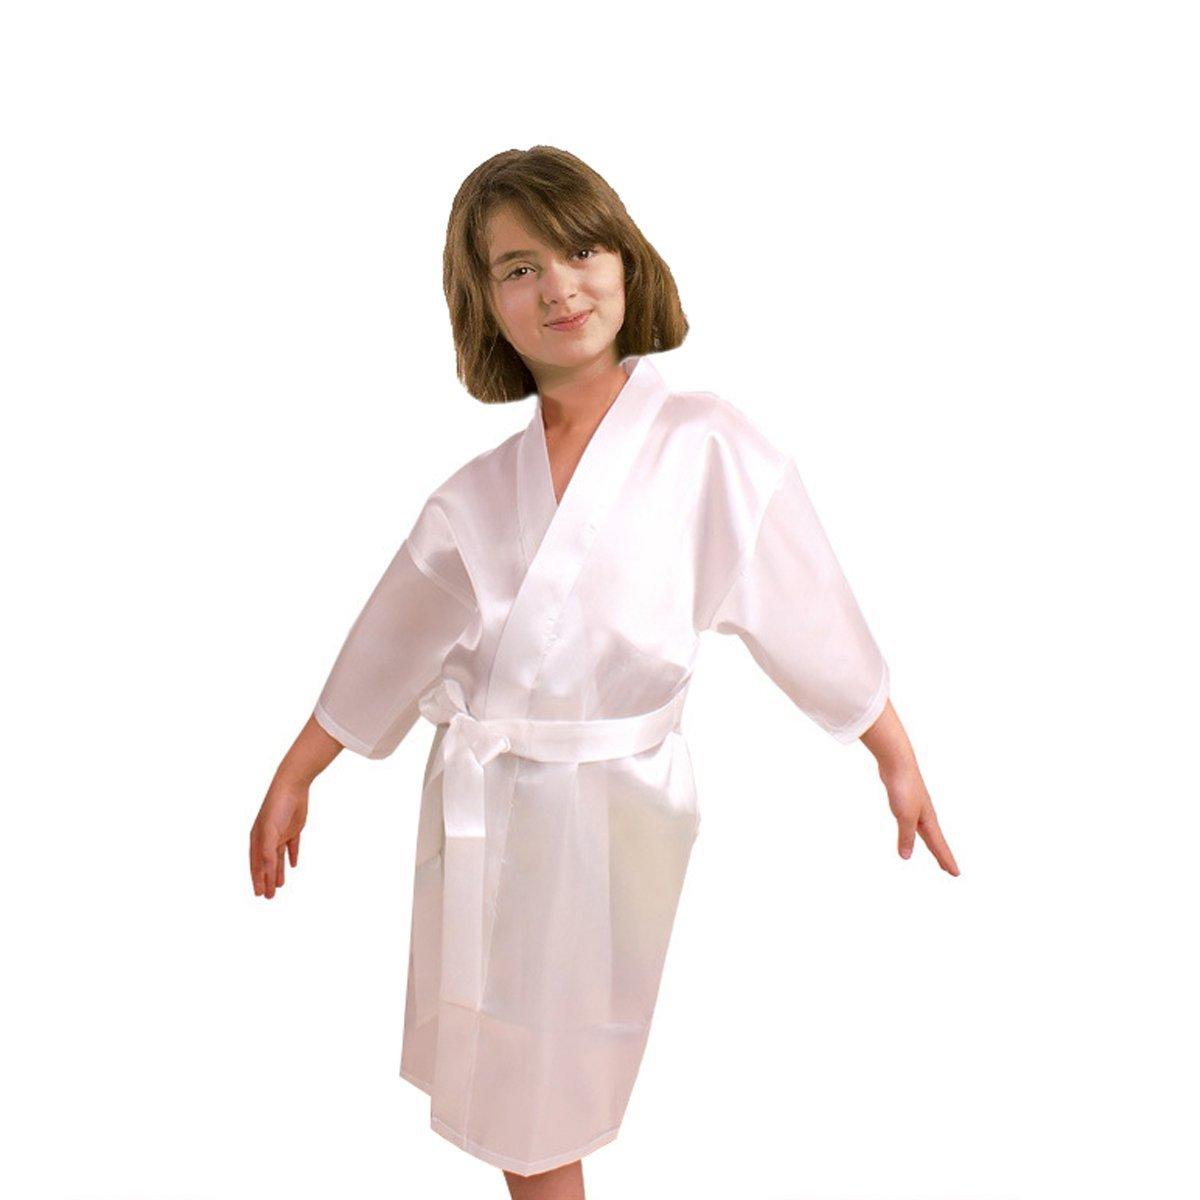 Kids Satin Rayon Kimono Robe Bathrobe Nightgown For Spa Party Wedding Birthday (8, White)